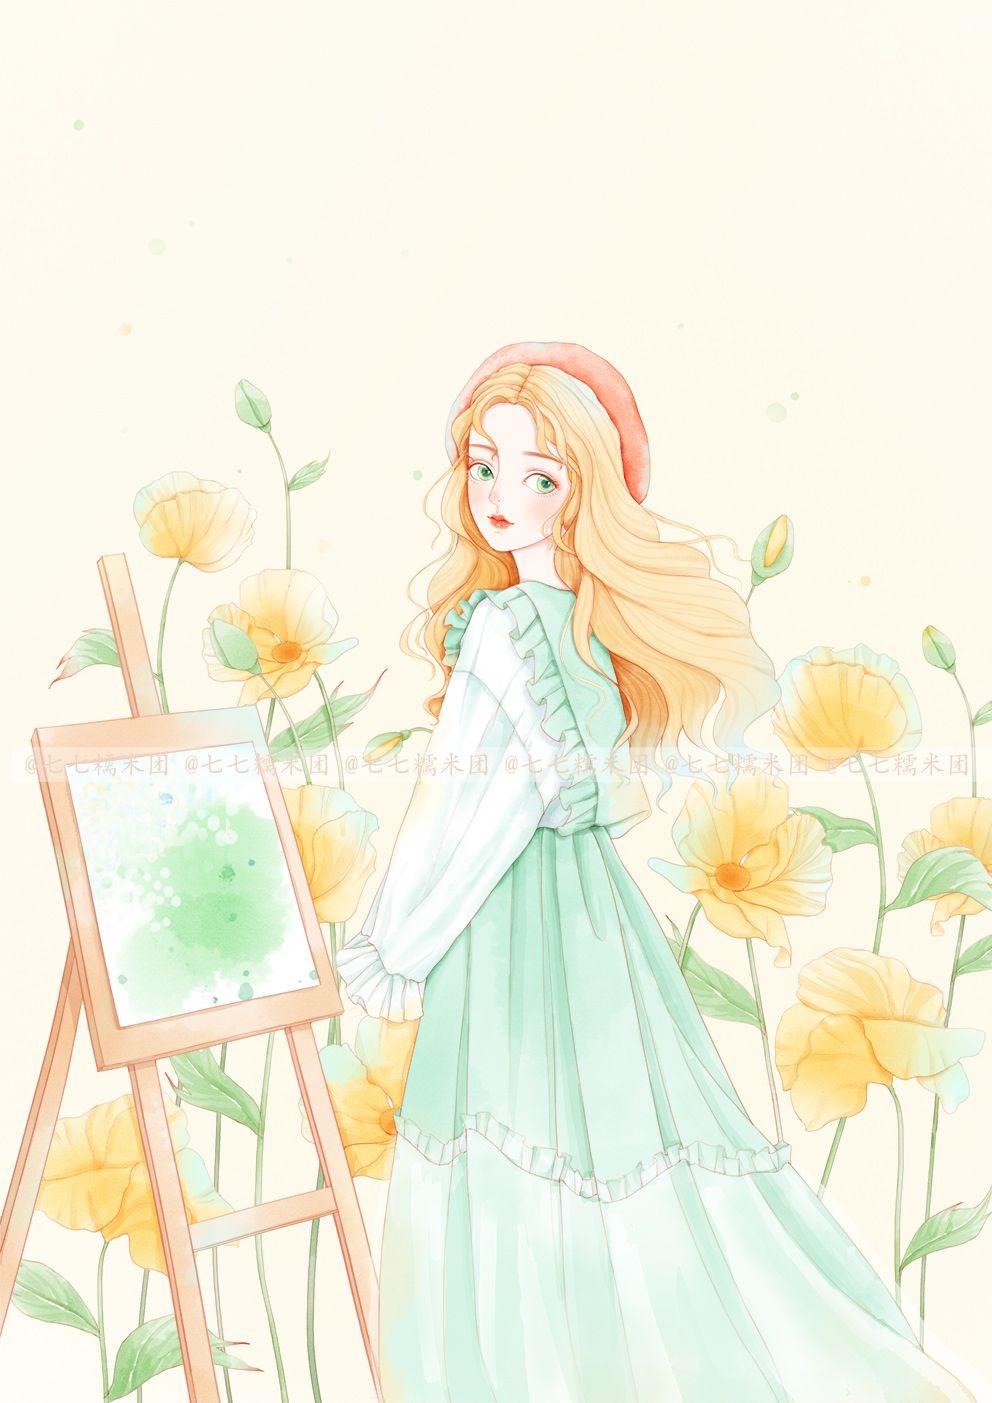 """Tuần mới (28/9 - 4/10) của 12 cung Hoàng đạo: Cự Giải chứng minh năng lực, Song Tử gặt hái """"trái ngọt"""". Marry"""